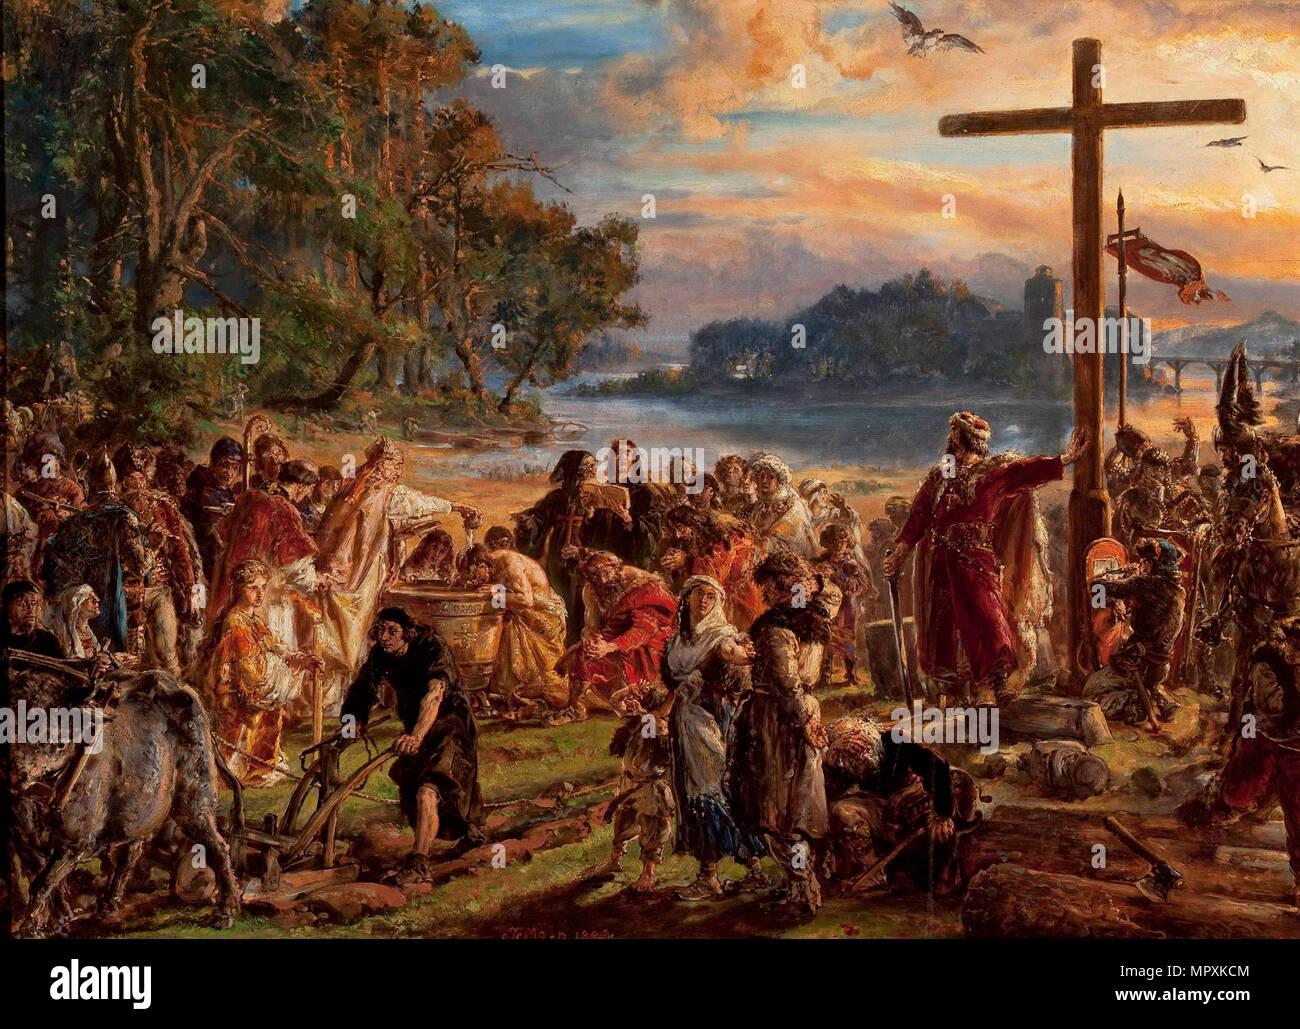 La cristianización de Polonia, 966. La serie de la historia de la civilización en Polonia, 1889. Imagen De Stock